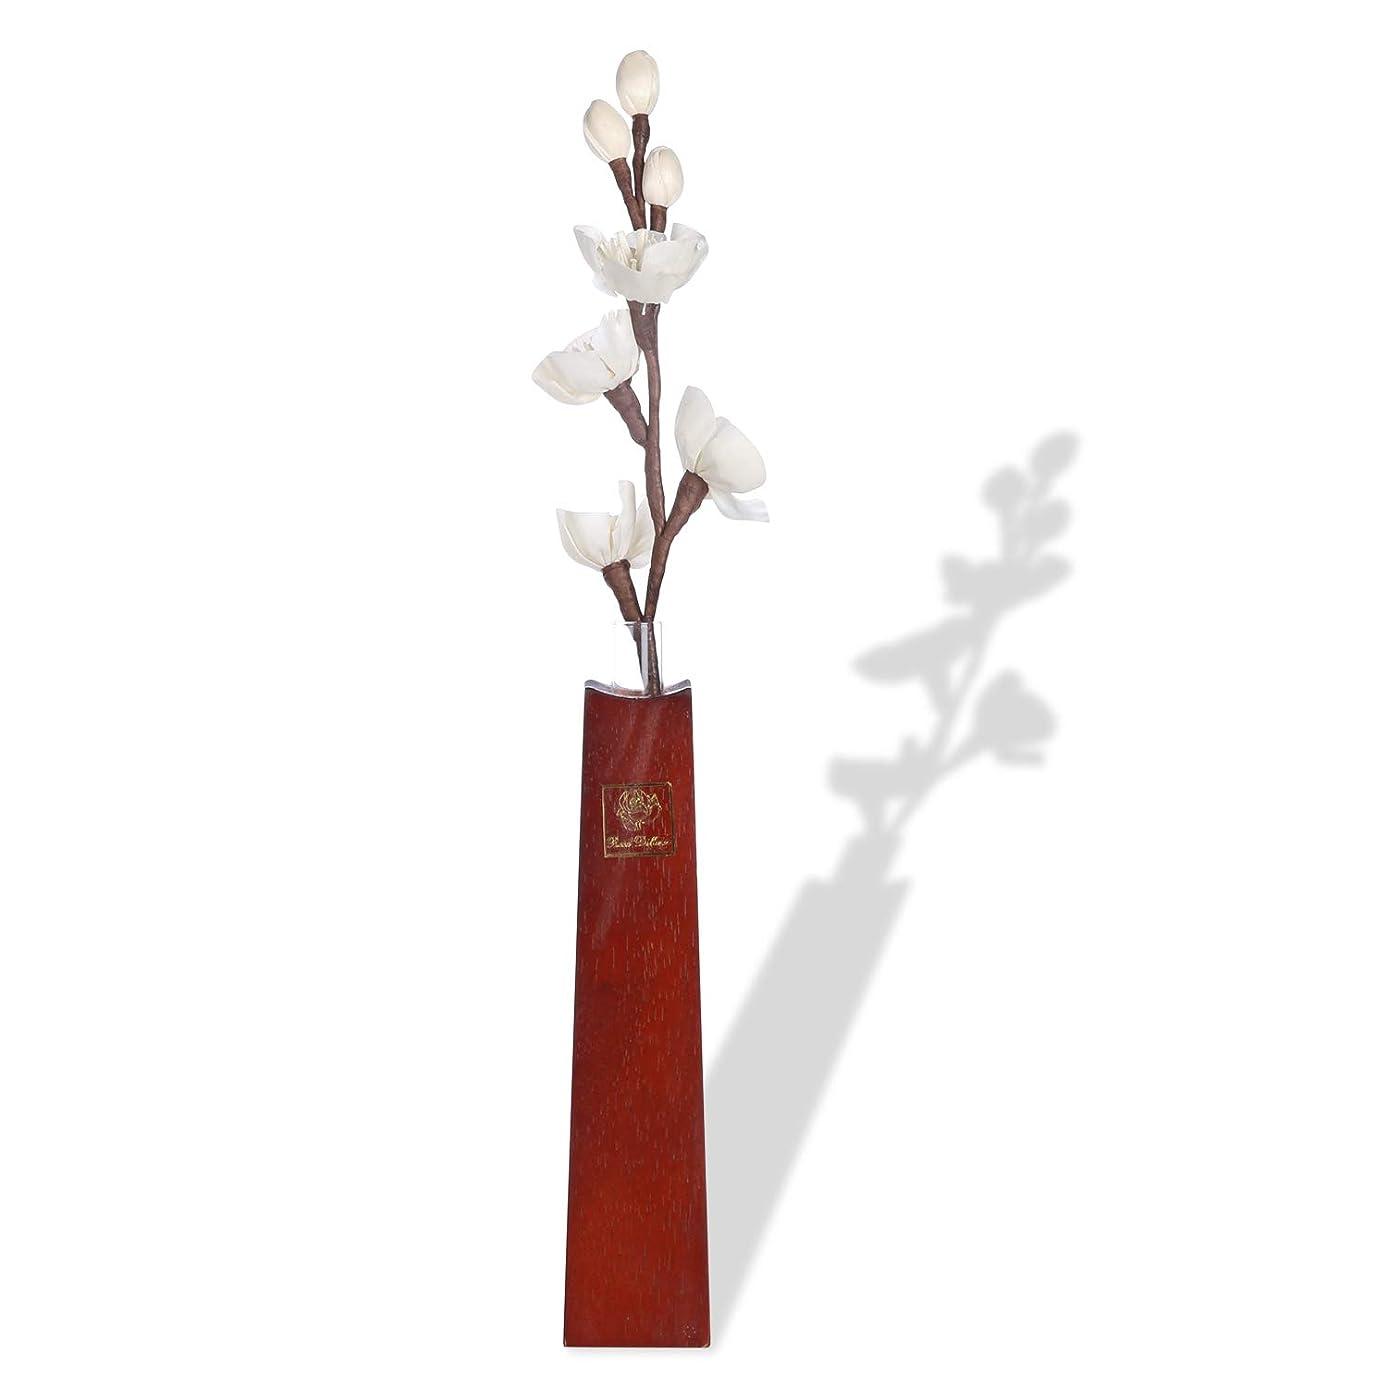 シャイ素朴な生理ルームフレグランス リードディフューザー 和風純木フラワーベース アロマ花瓶 と 一輪挿し紙製造花 (香料を含まない)